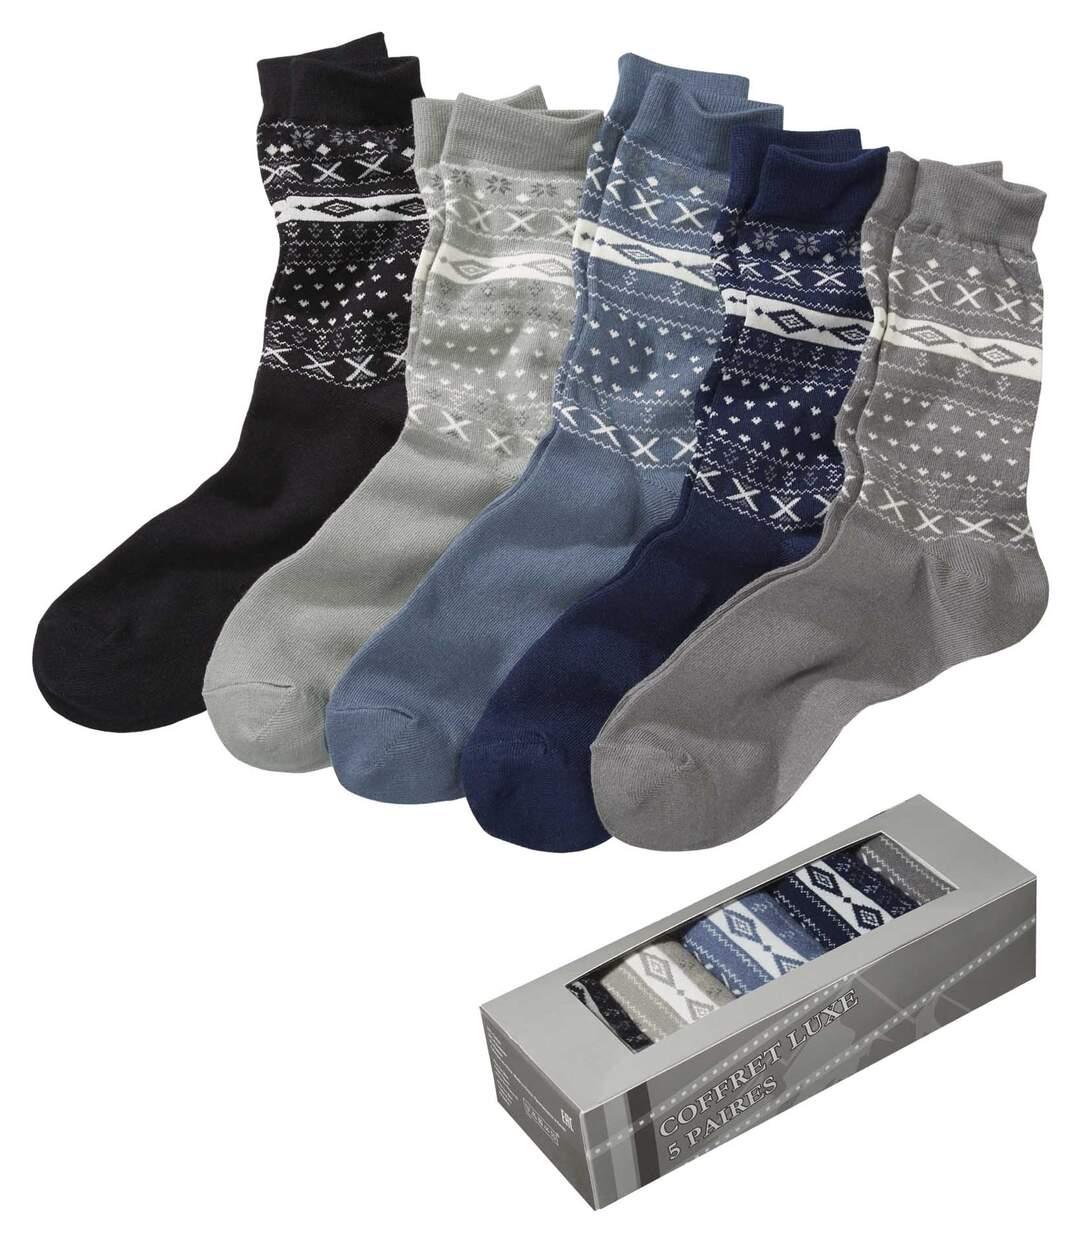 Sada 5 párů ponožek se žakárovým vzorem